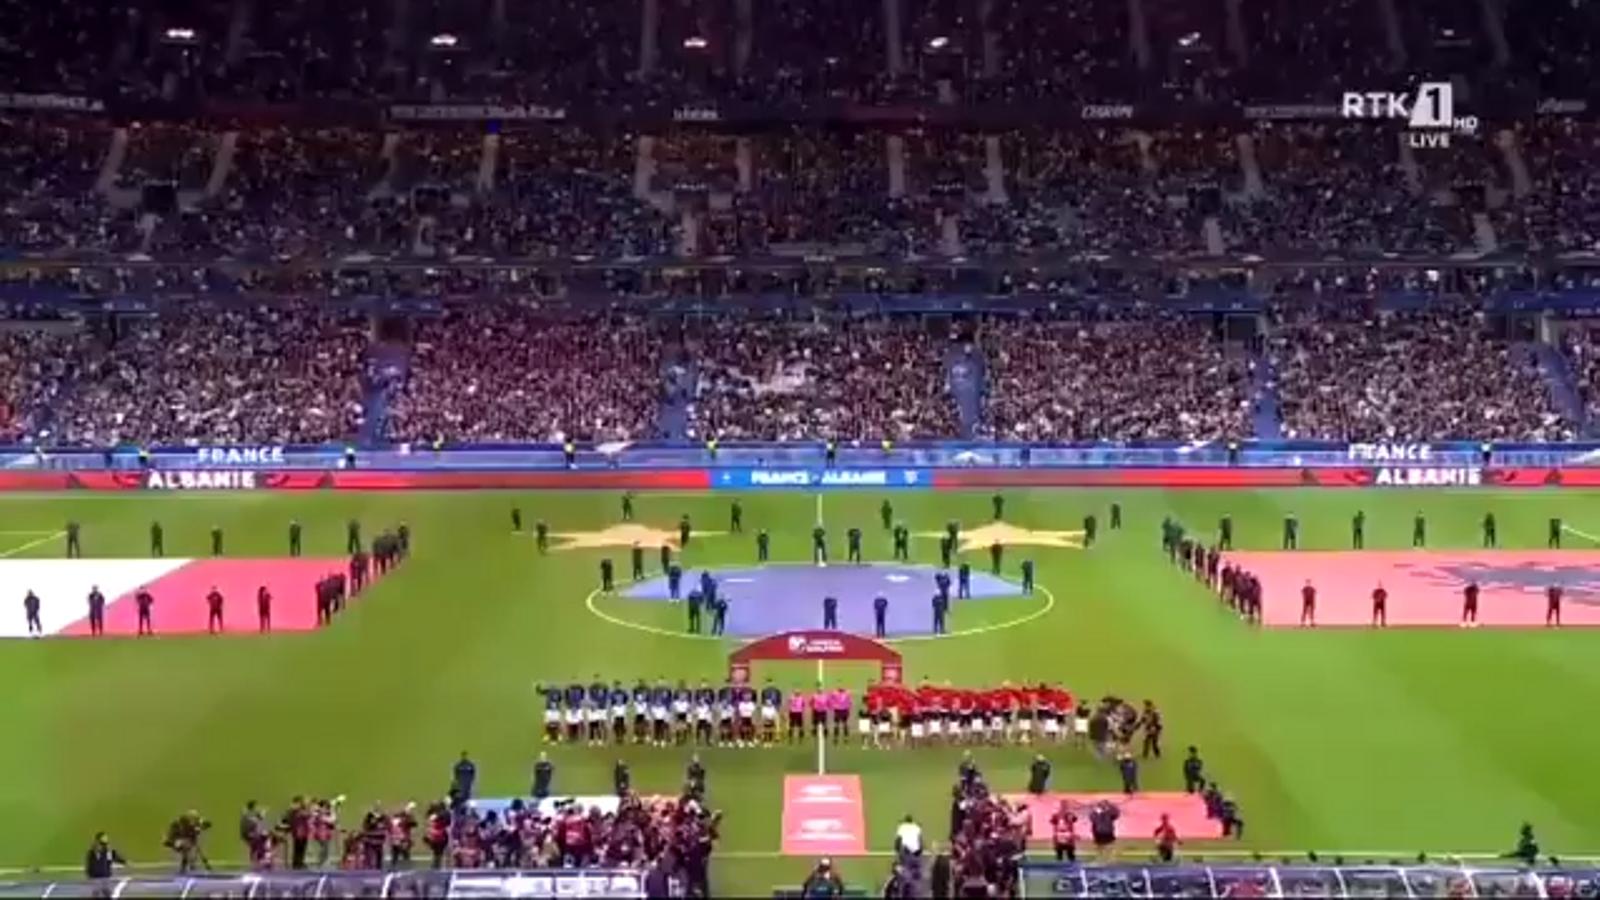 França toca l'himne nacional d'Andorra i futbolistes d'Albània no van voler jugar